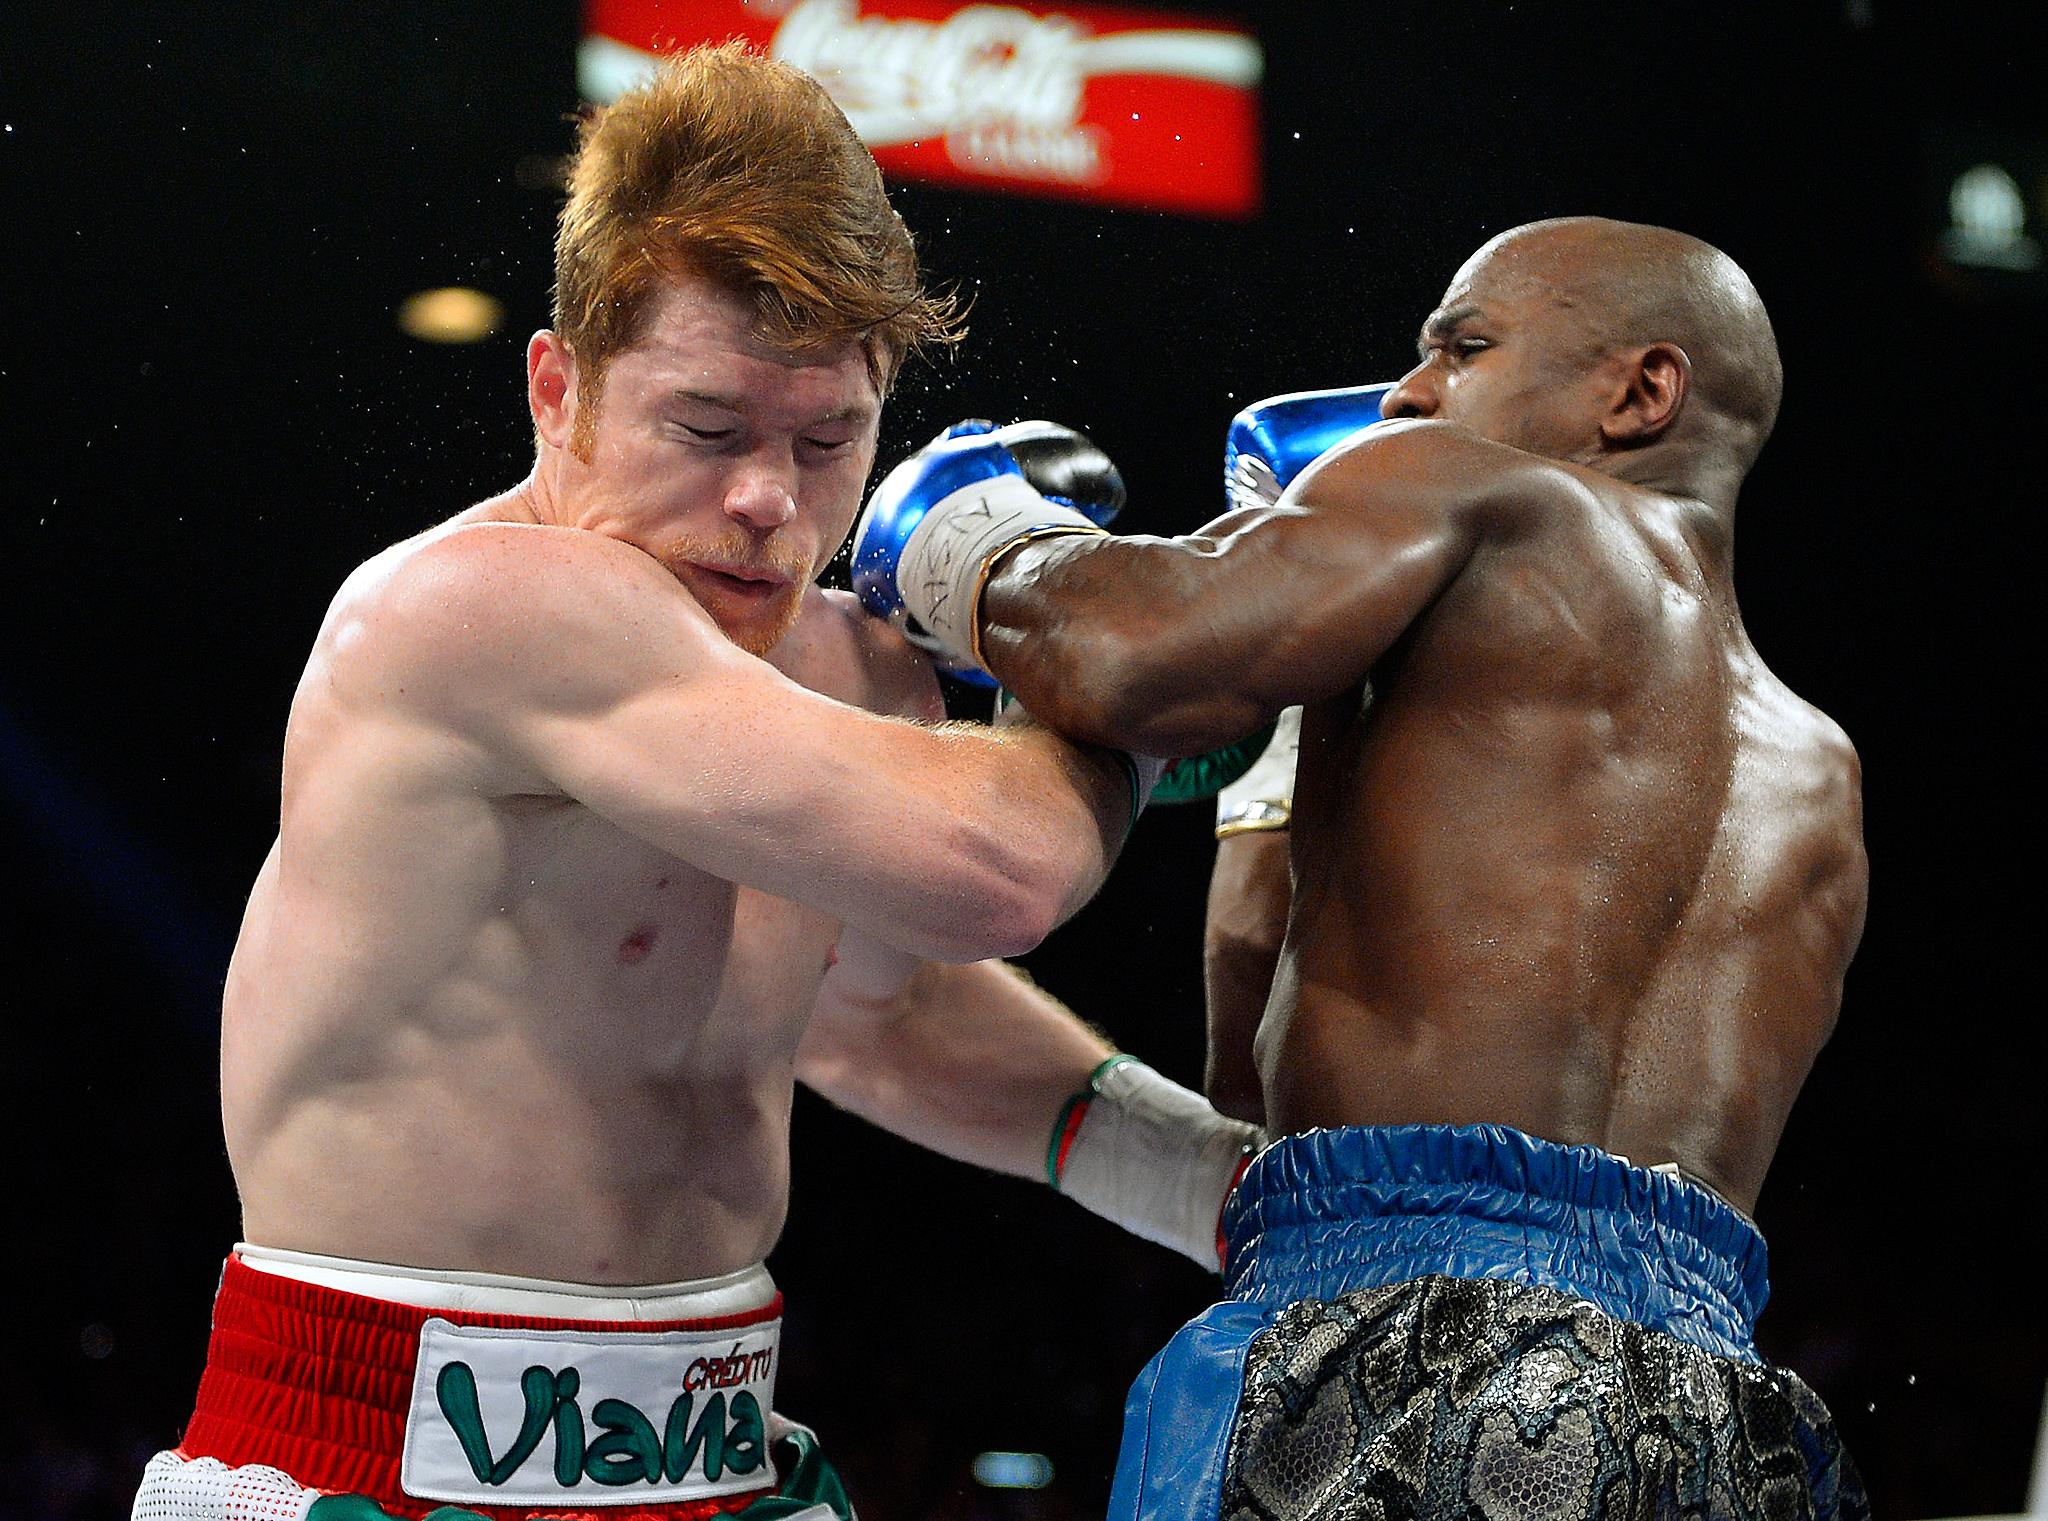 Floyd Mayweather Jr. punches Canelo Alvarez